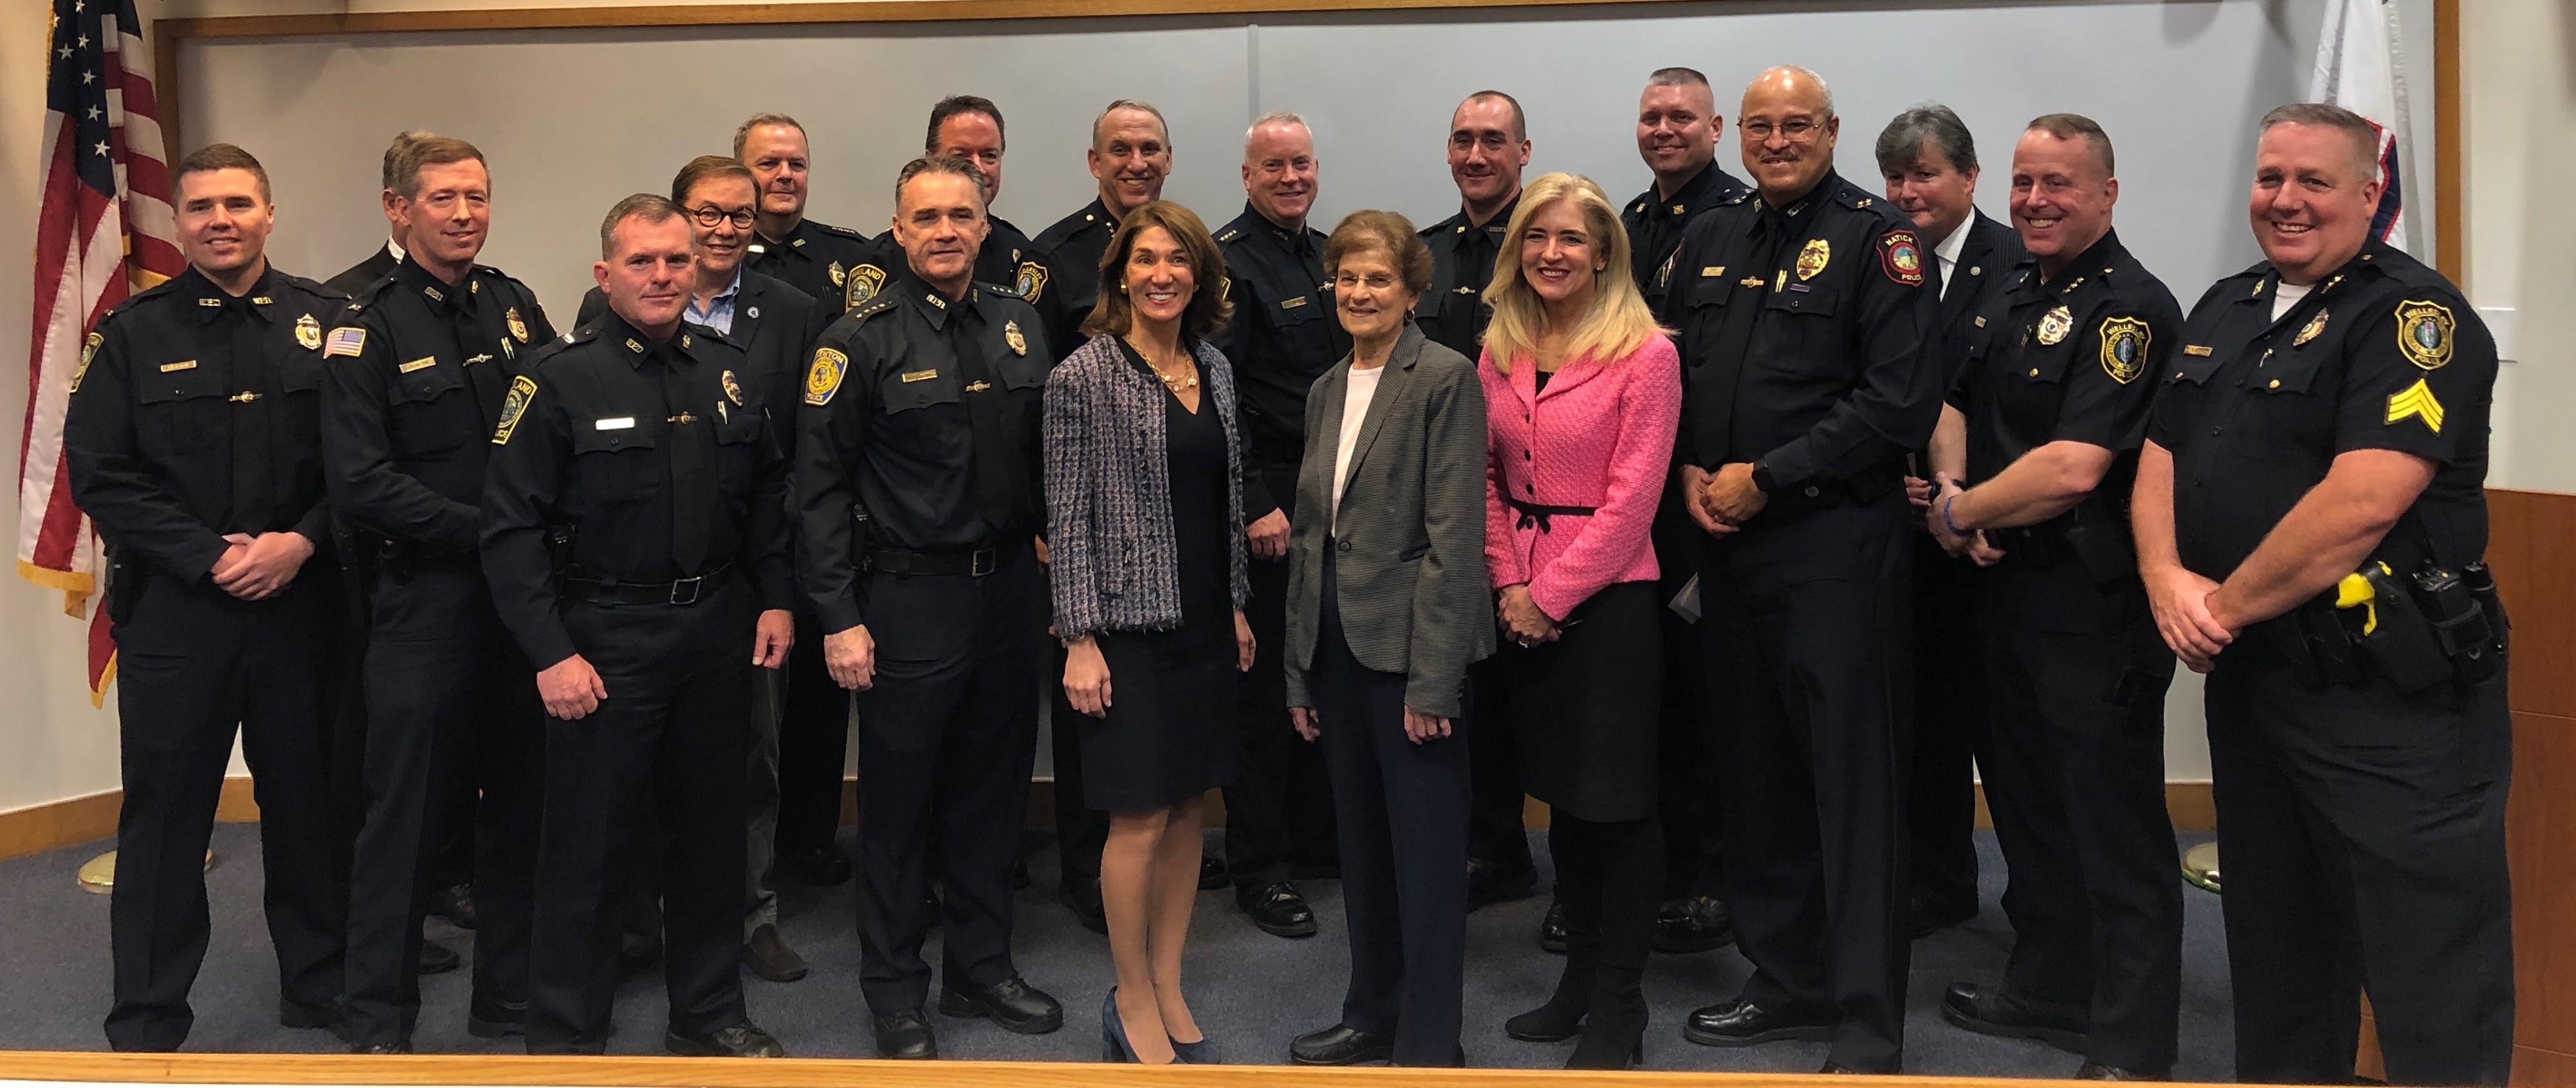 Baker-Polito Administration Announces Local Law Enforcement